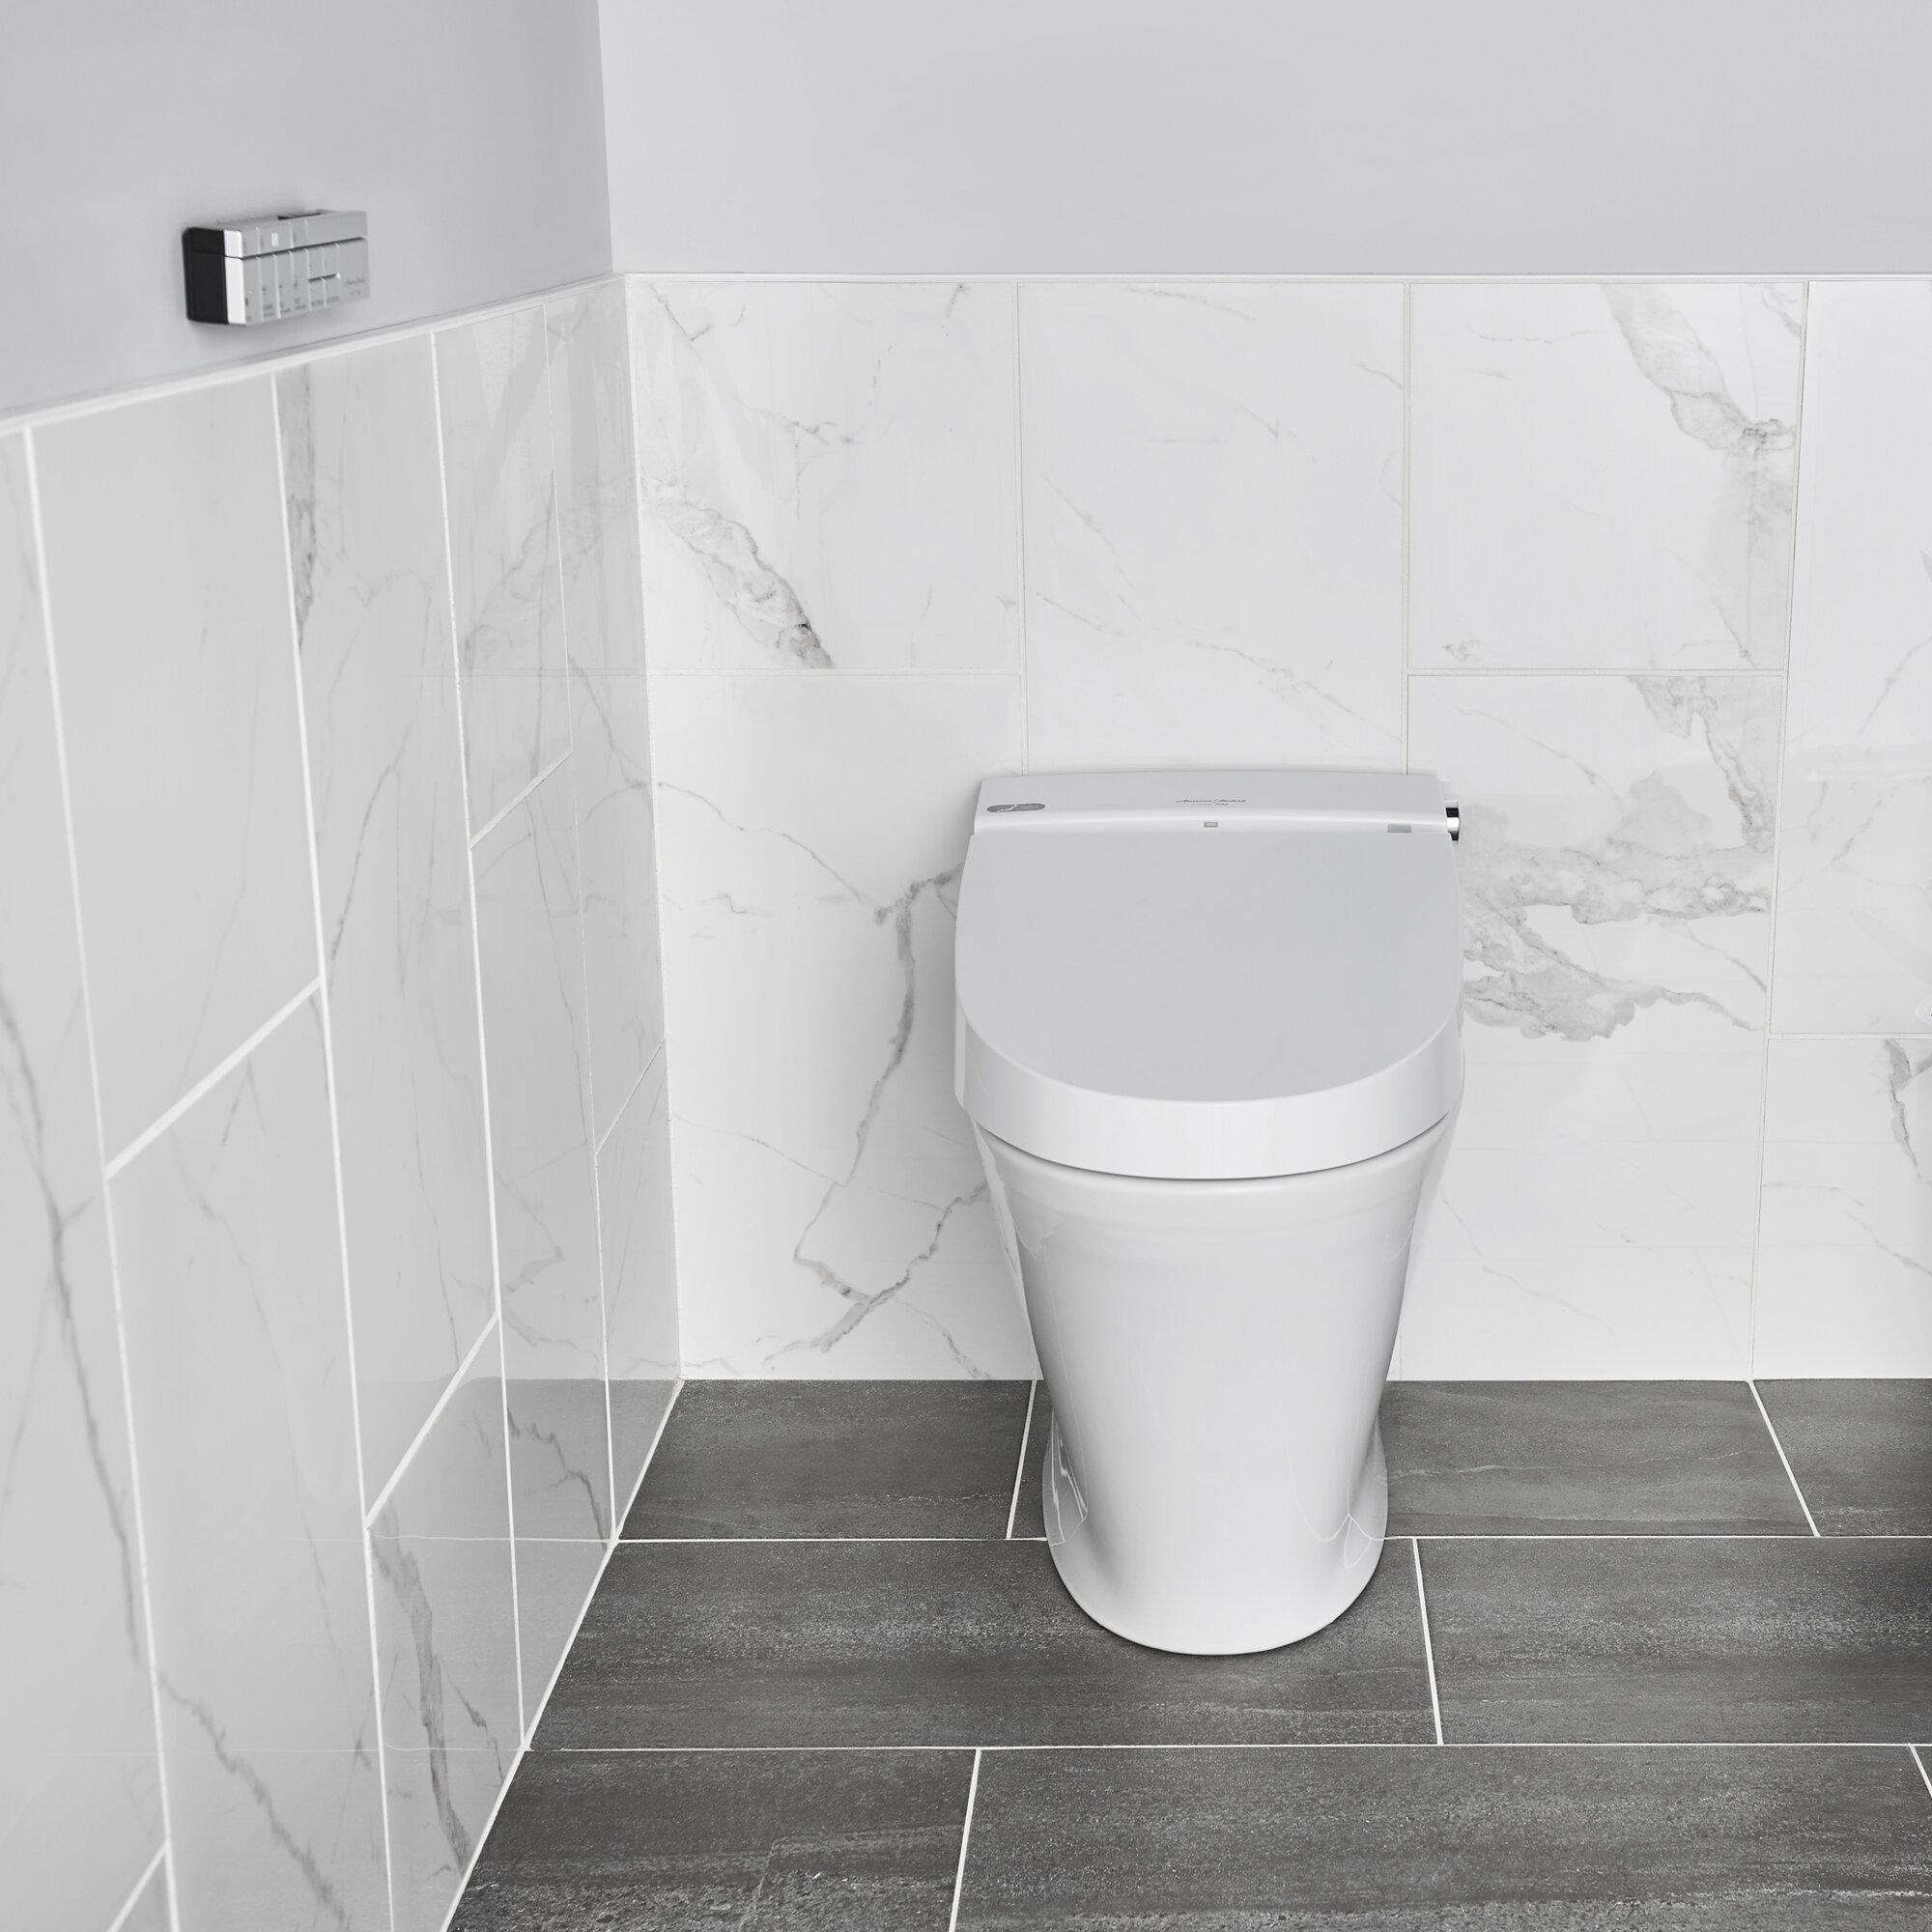 American Standard Advanced Clean 100 Spalet Elongated Toilet Seat Bidet Wayfair